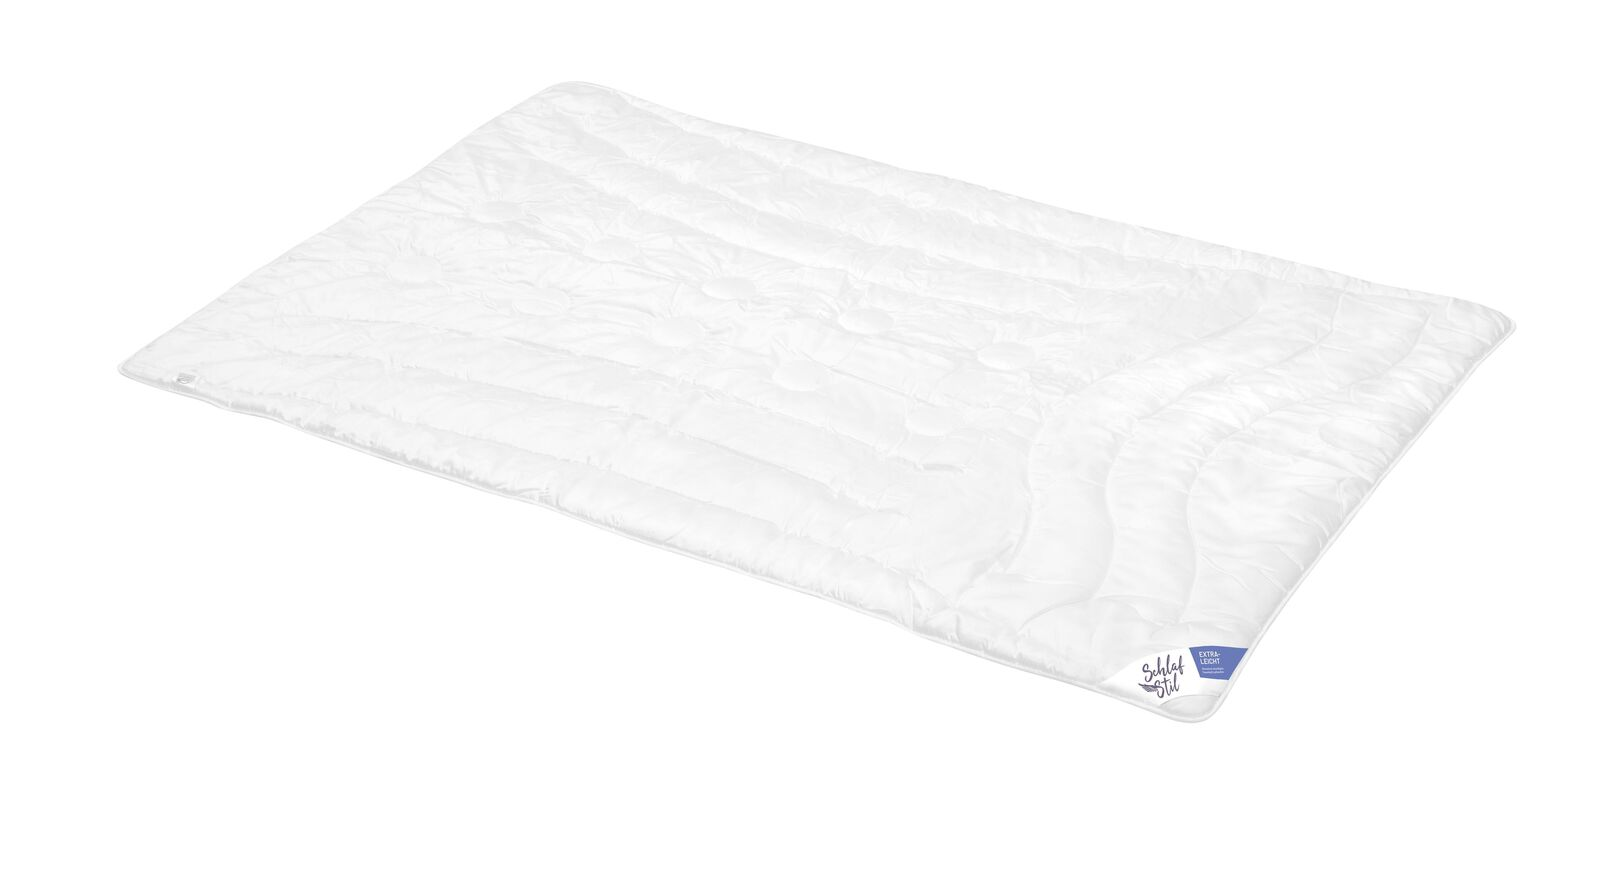 SCHLAFSTIL Cashmere-Flaum-Bettdecke N700 extra leicht für geringen Wärmebedarf